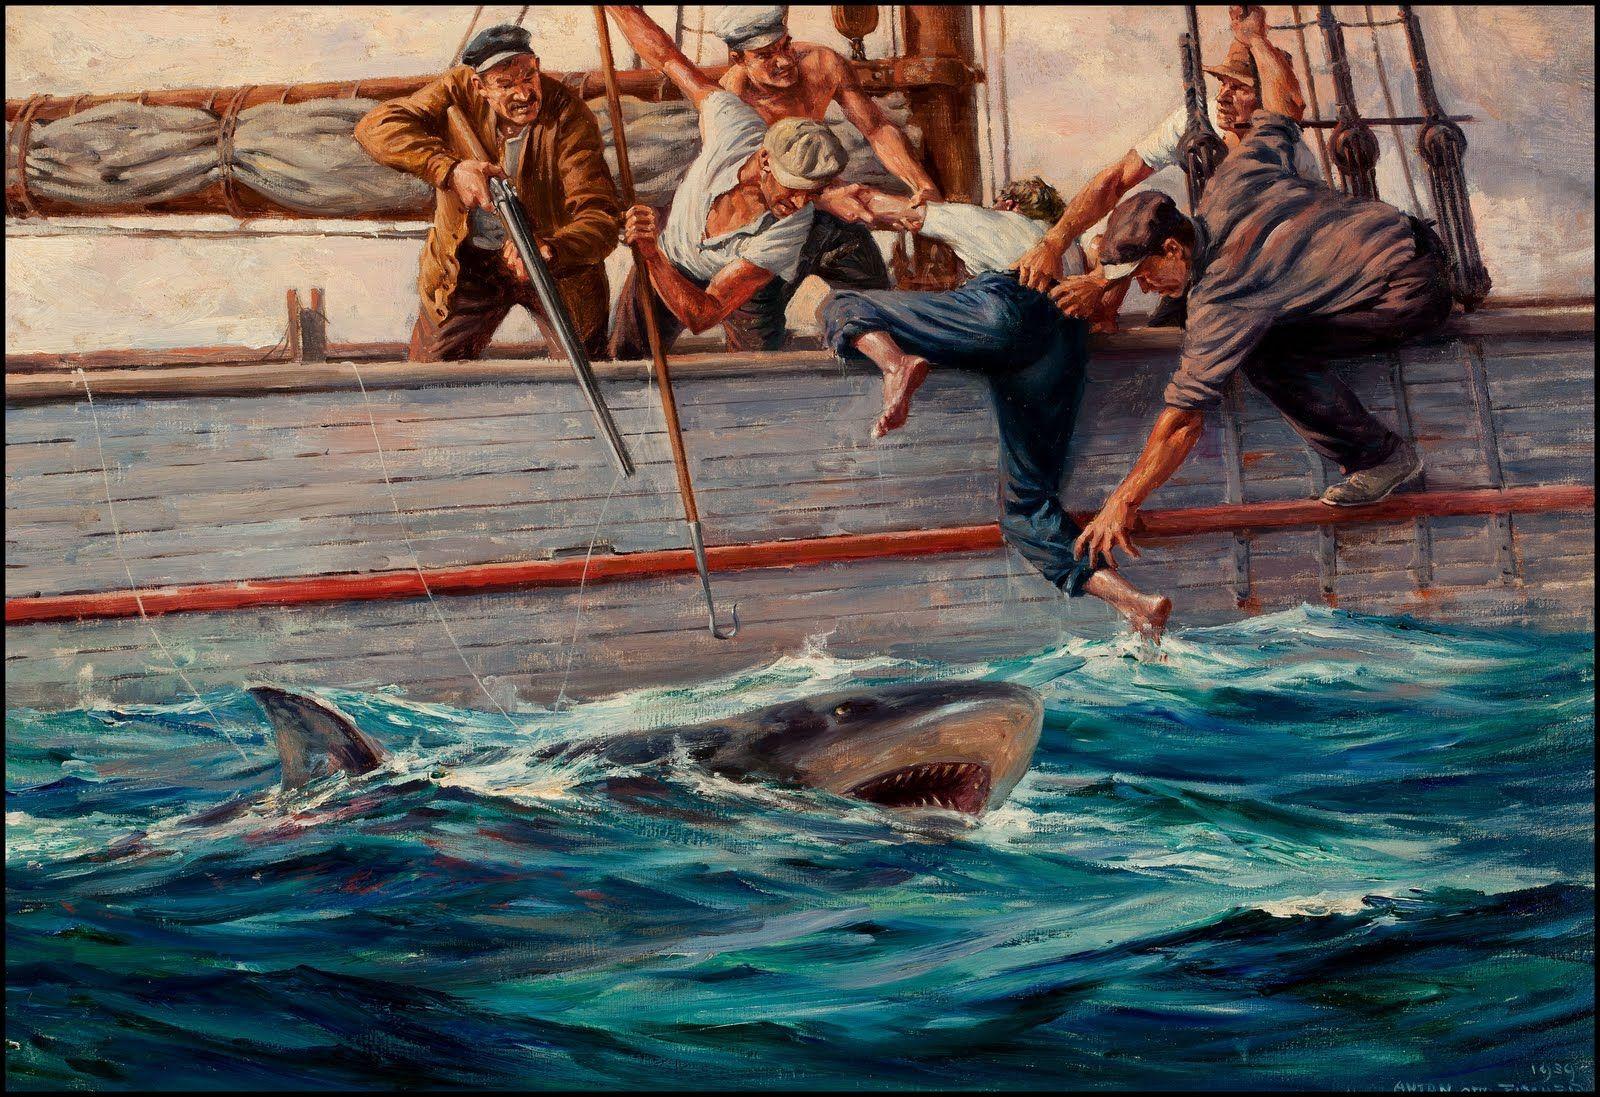 Anton Otto Fischer (1882-1962)  Shark Hunting 1939.  Esta obra es muestra a un grupo de pescadores luchando contra un tiburón, está llena de vida y movimiento pues los colores vivos dan una imagen llena de expresividad y emociones   en la escena. Se presentan una gran degradación y definición haciendo más opulenta la ilustración